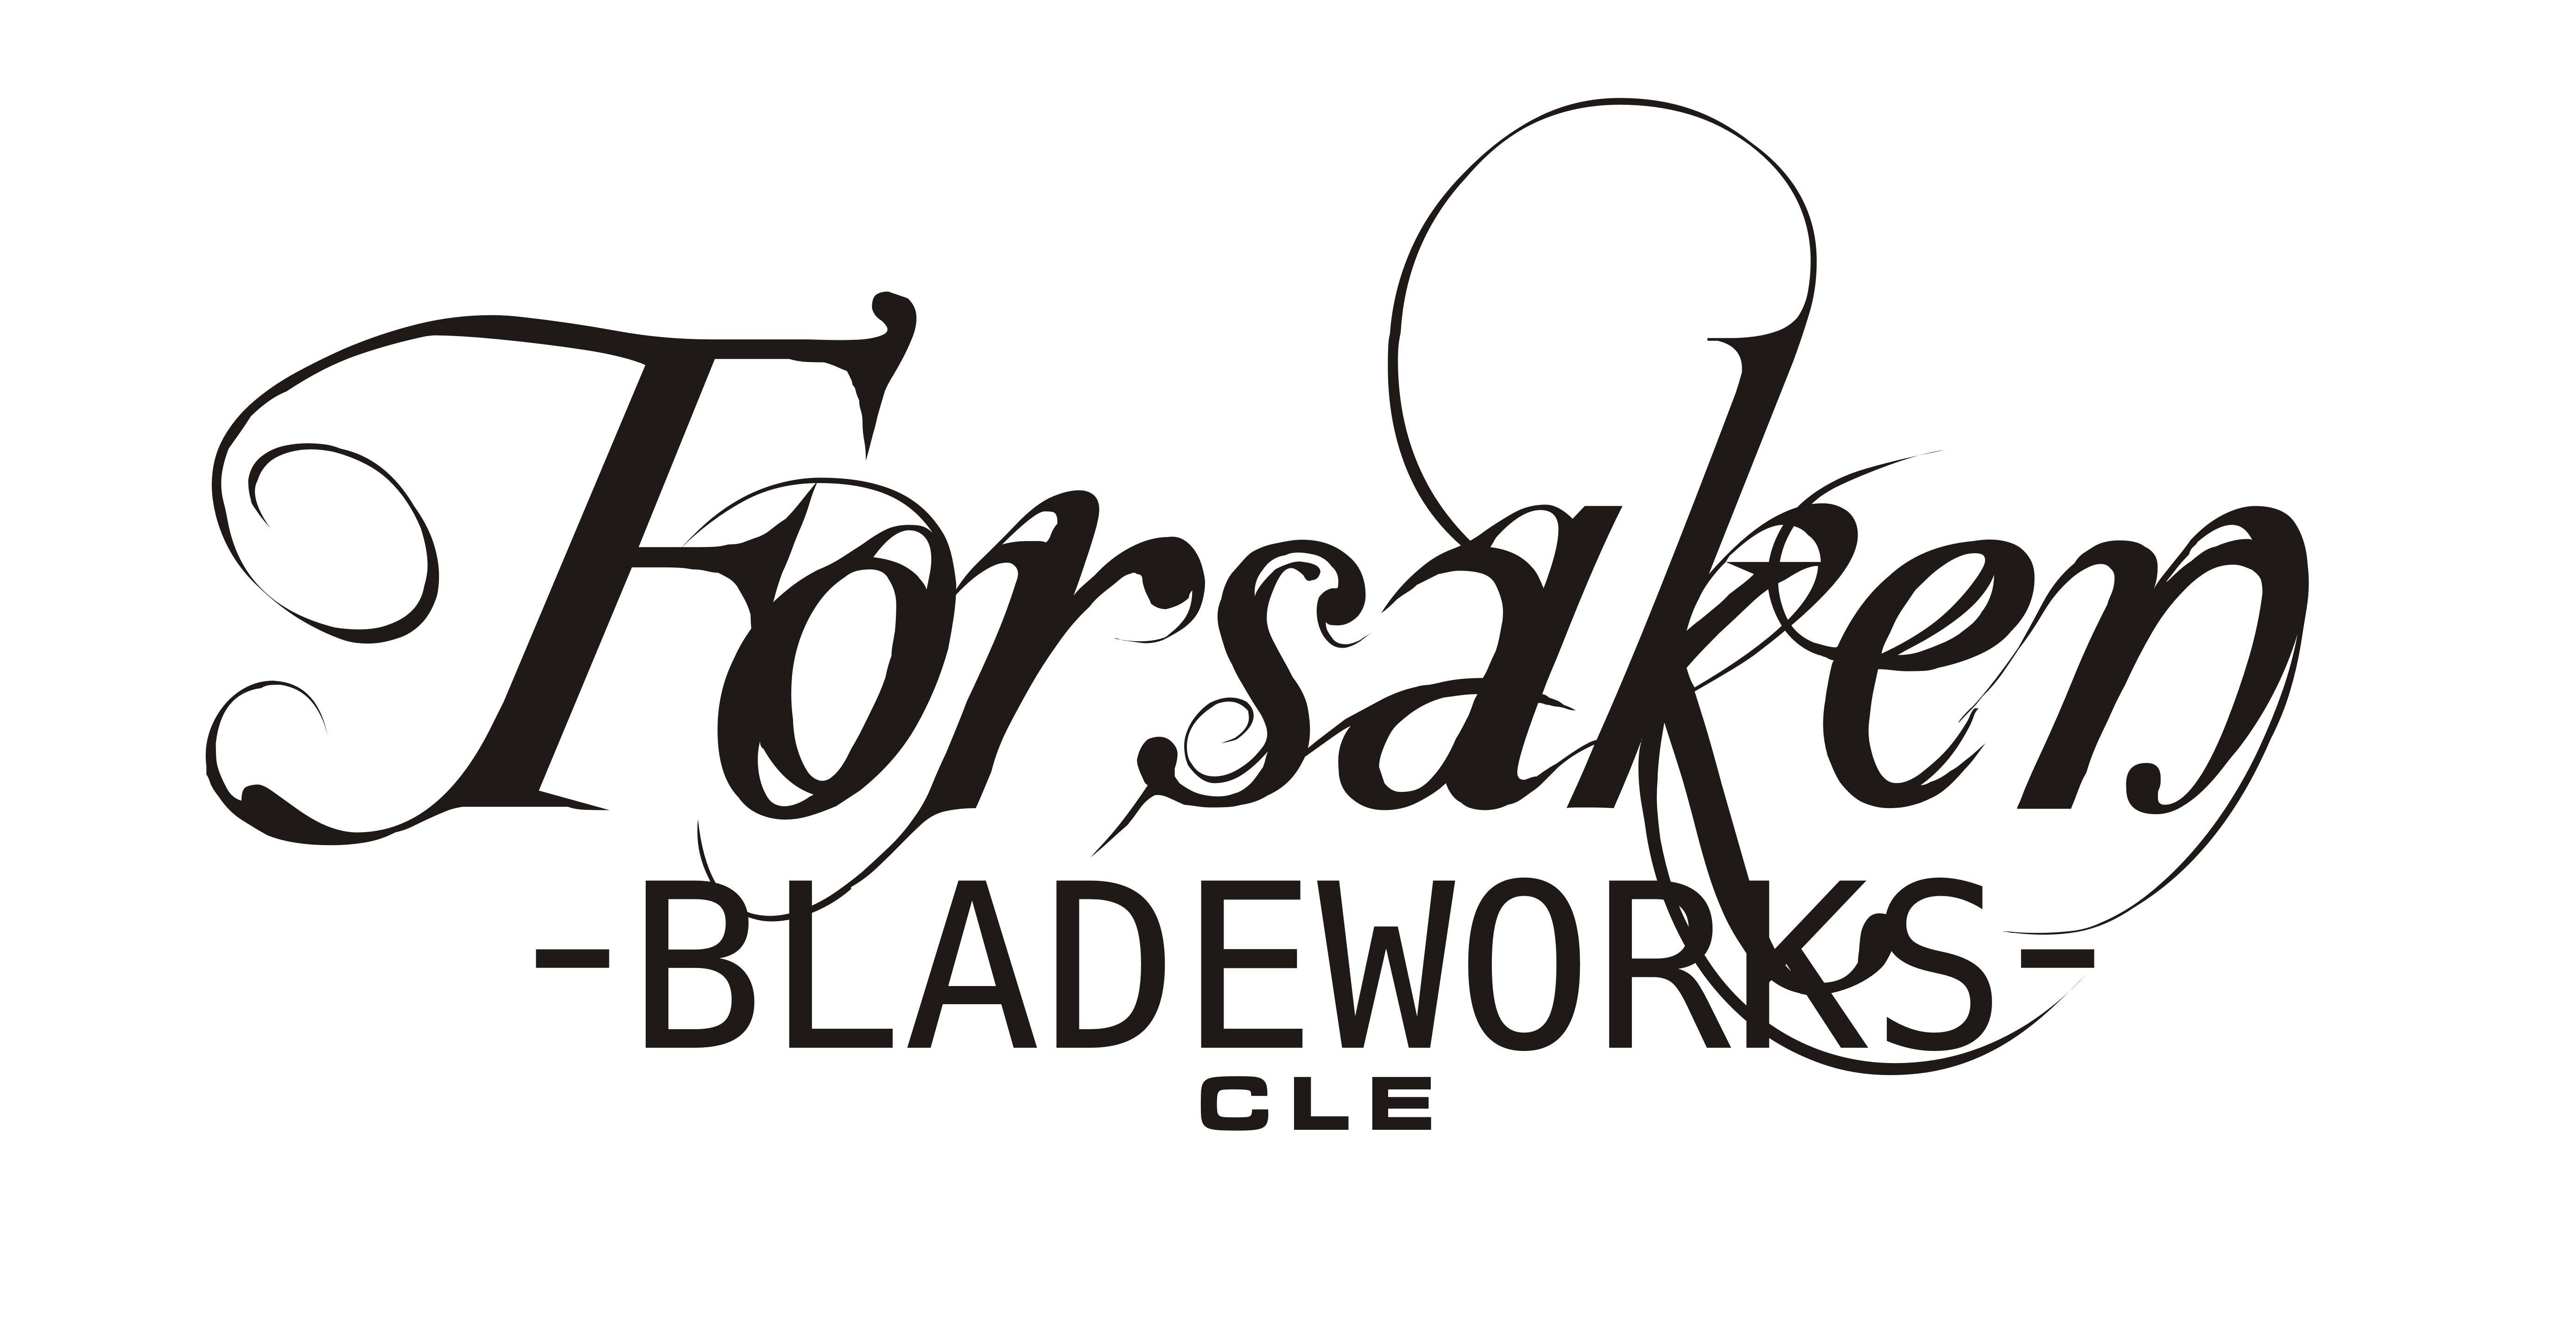 Forsaken Blade Works